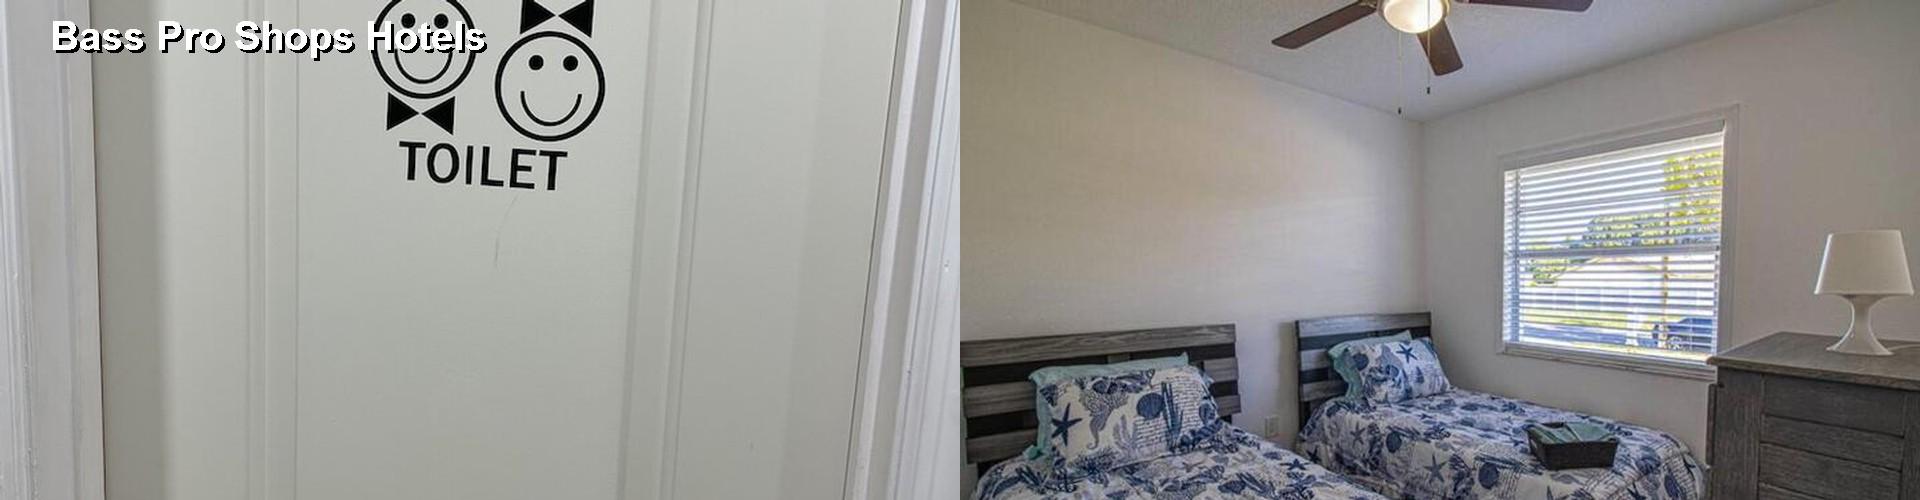 5 Best Hotels Near B Pro S